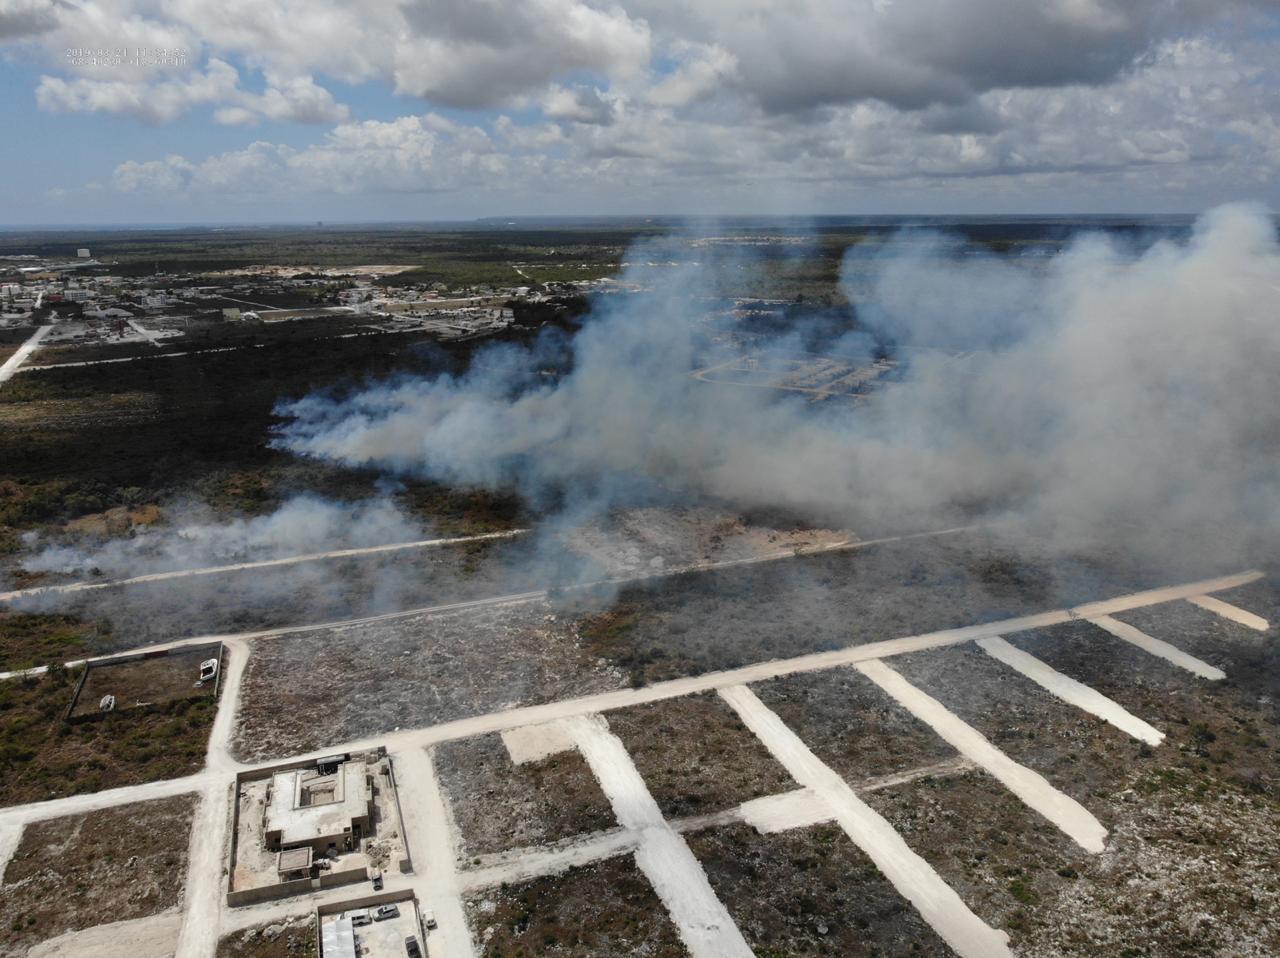 Ejército envía UHR y otros miembros para sofocar incendio en Punta Cana